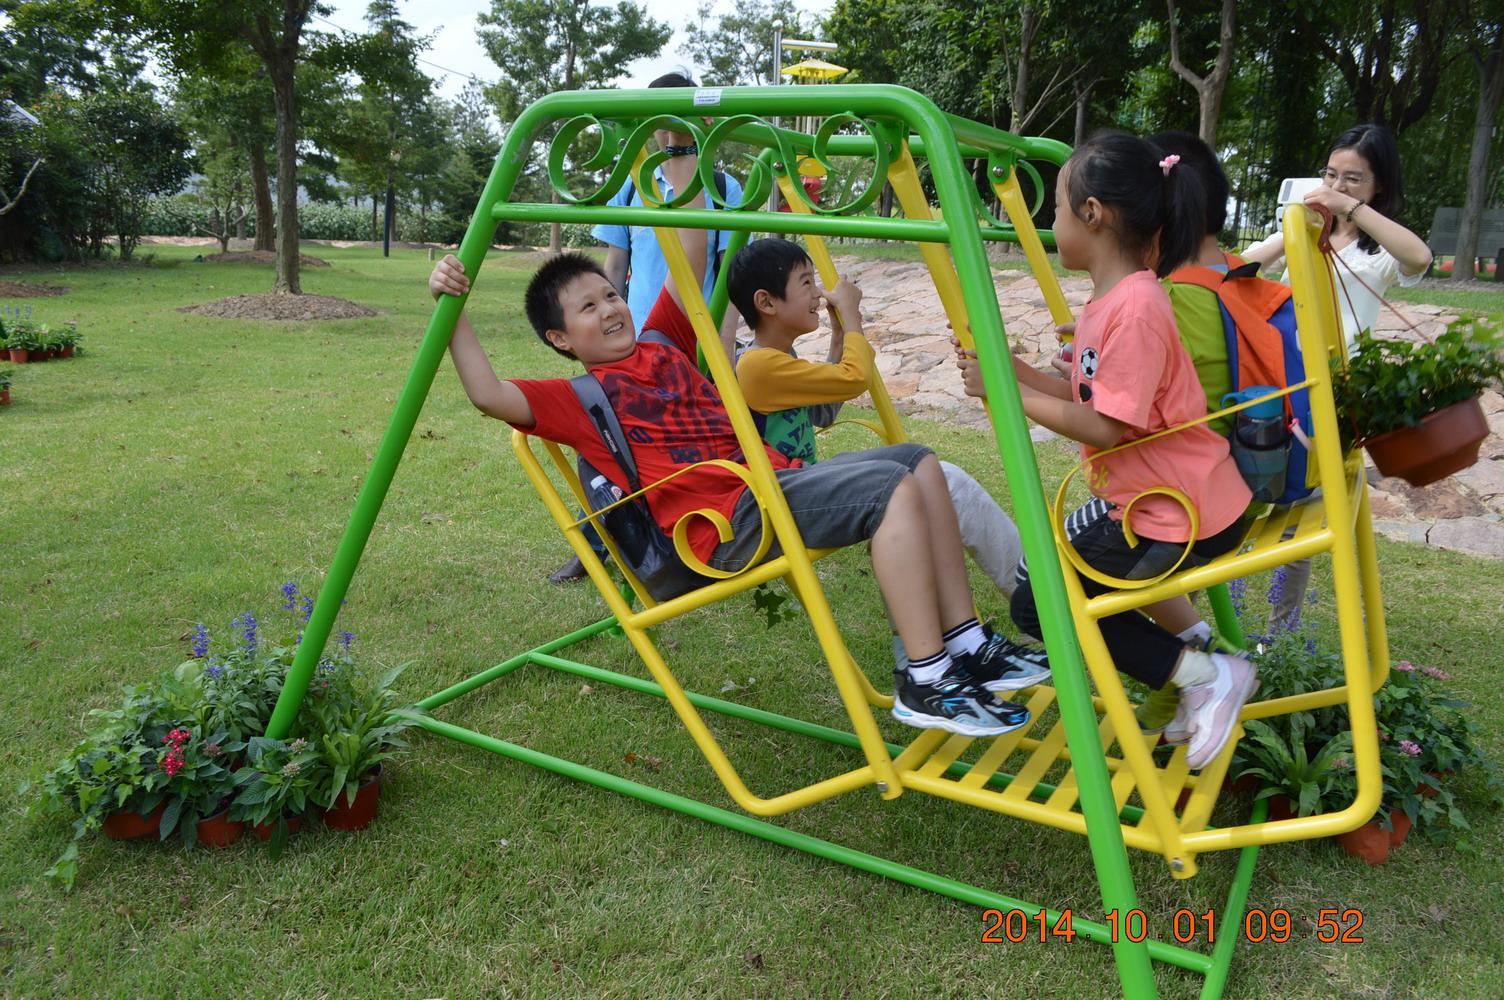 辰山植物园-儿童乐园